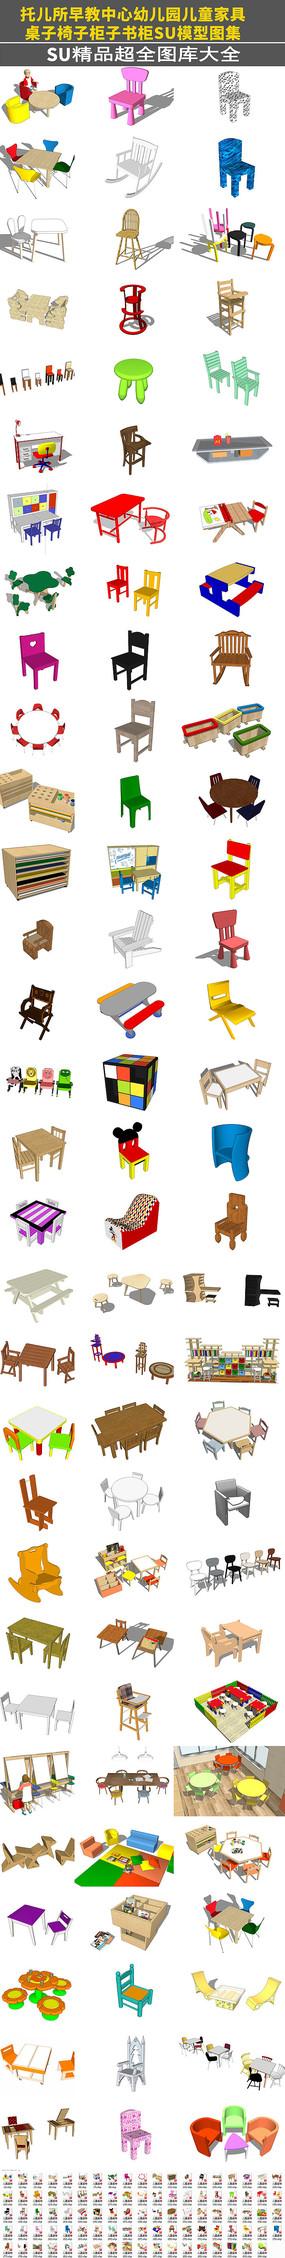 儿童桌椅模型SU模型图集